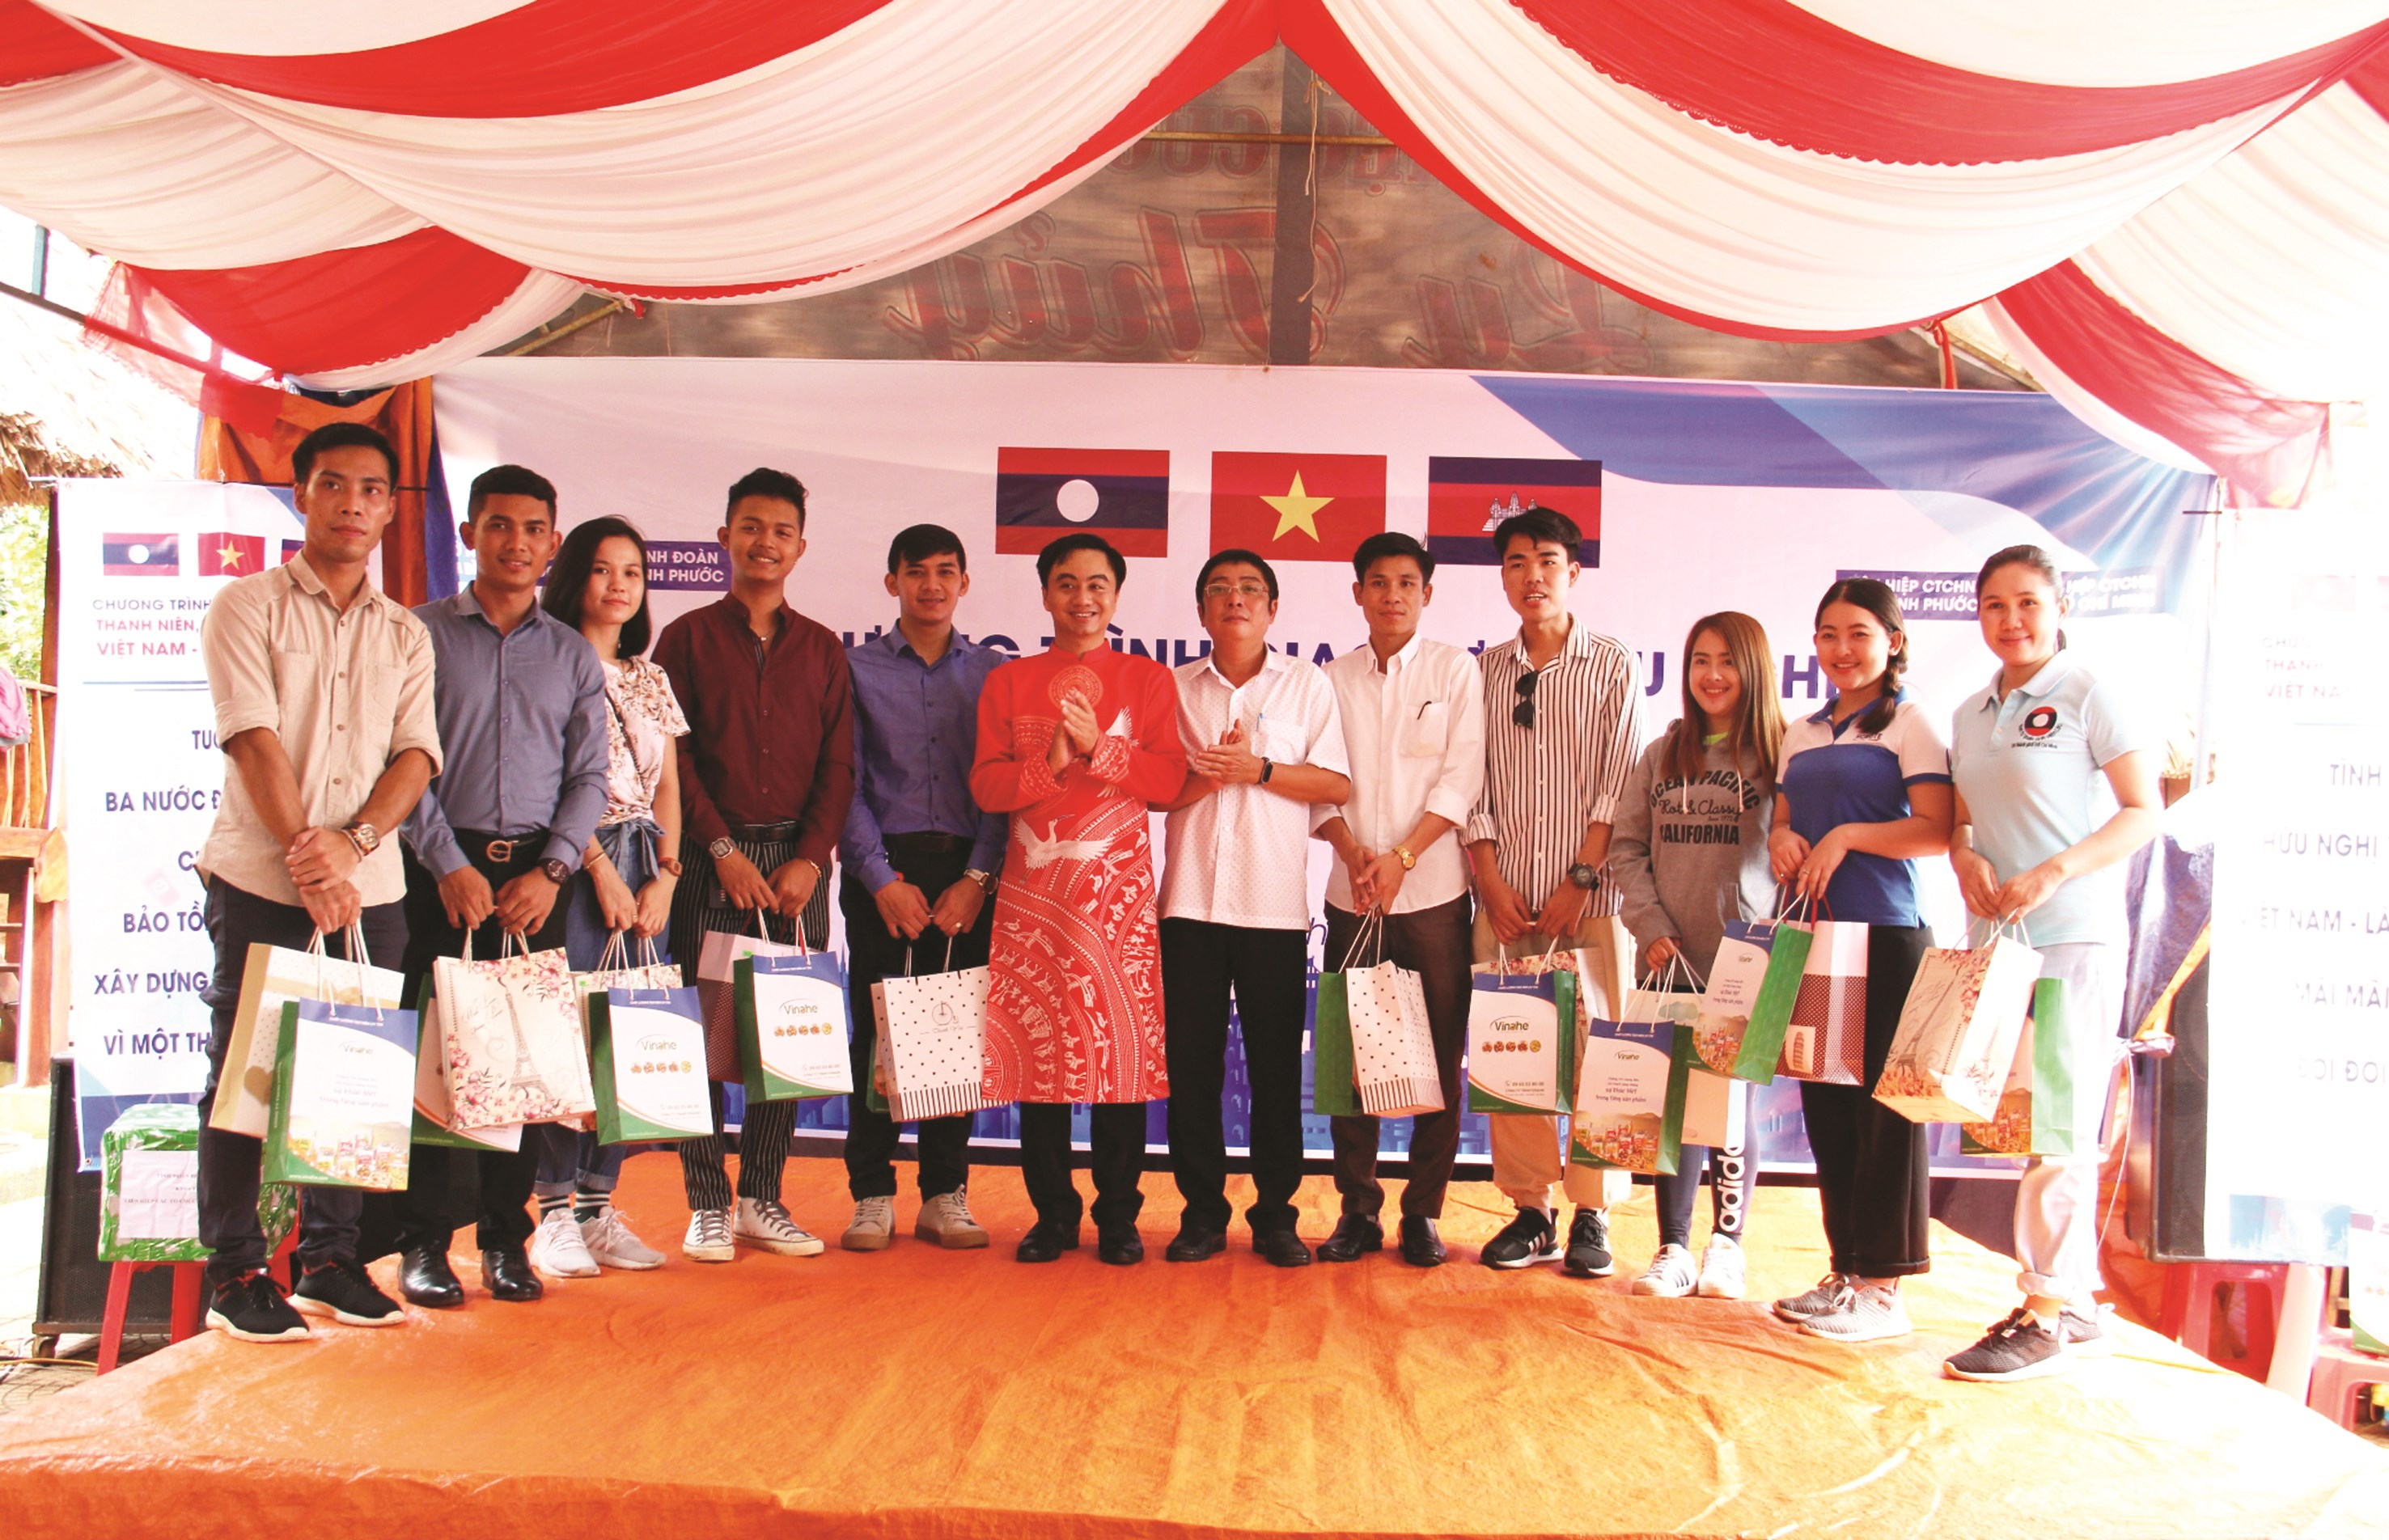 Bí thư Tỉnh Đoàn Trần Quốc Duy (mặc áo dài đỏ) và Phó Giám đốc Sở Ngoại vụ tỉnh Bình Phước Bùi Quốc Khánh (thứ sáu từ phải qua) tặng quà cho sinh viên Campuchia và Lào